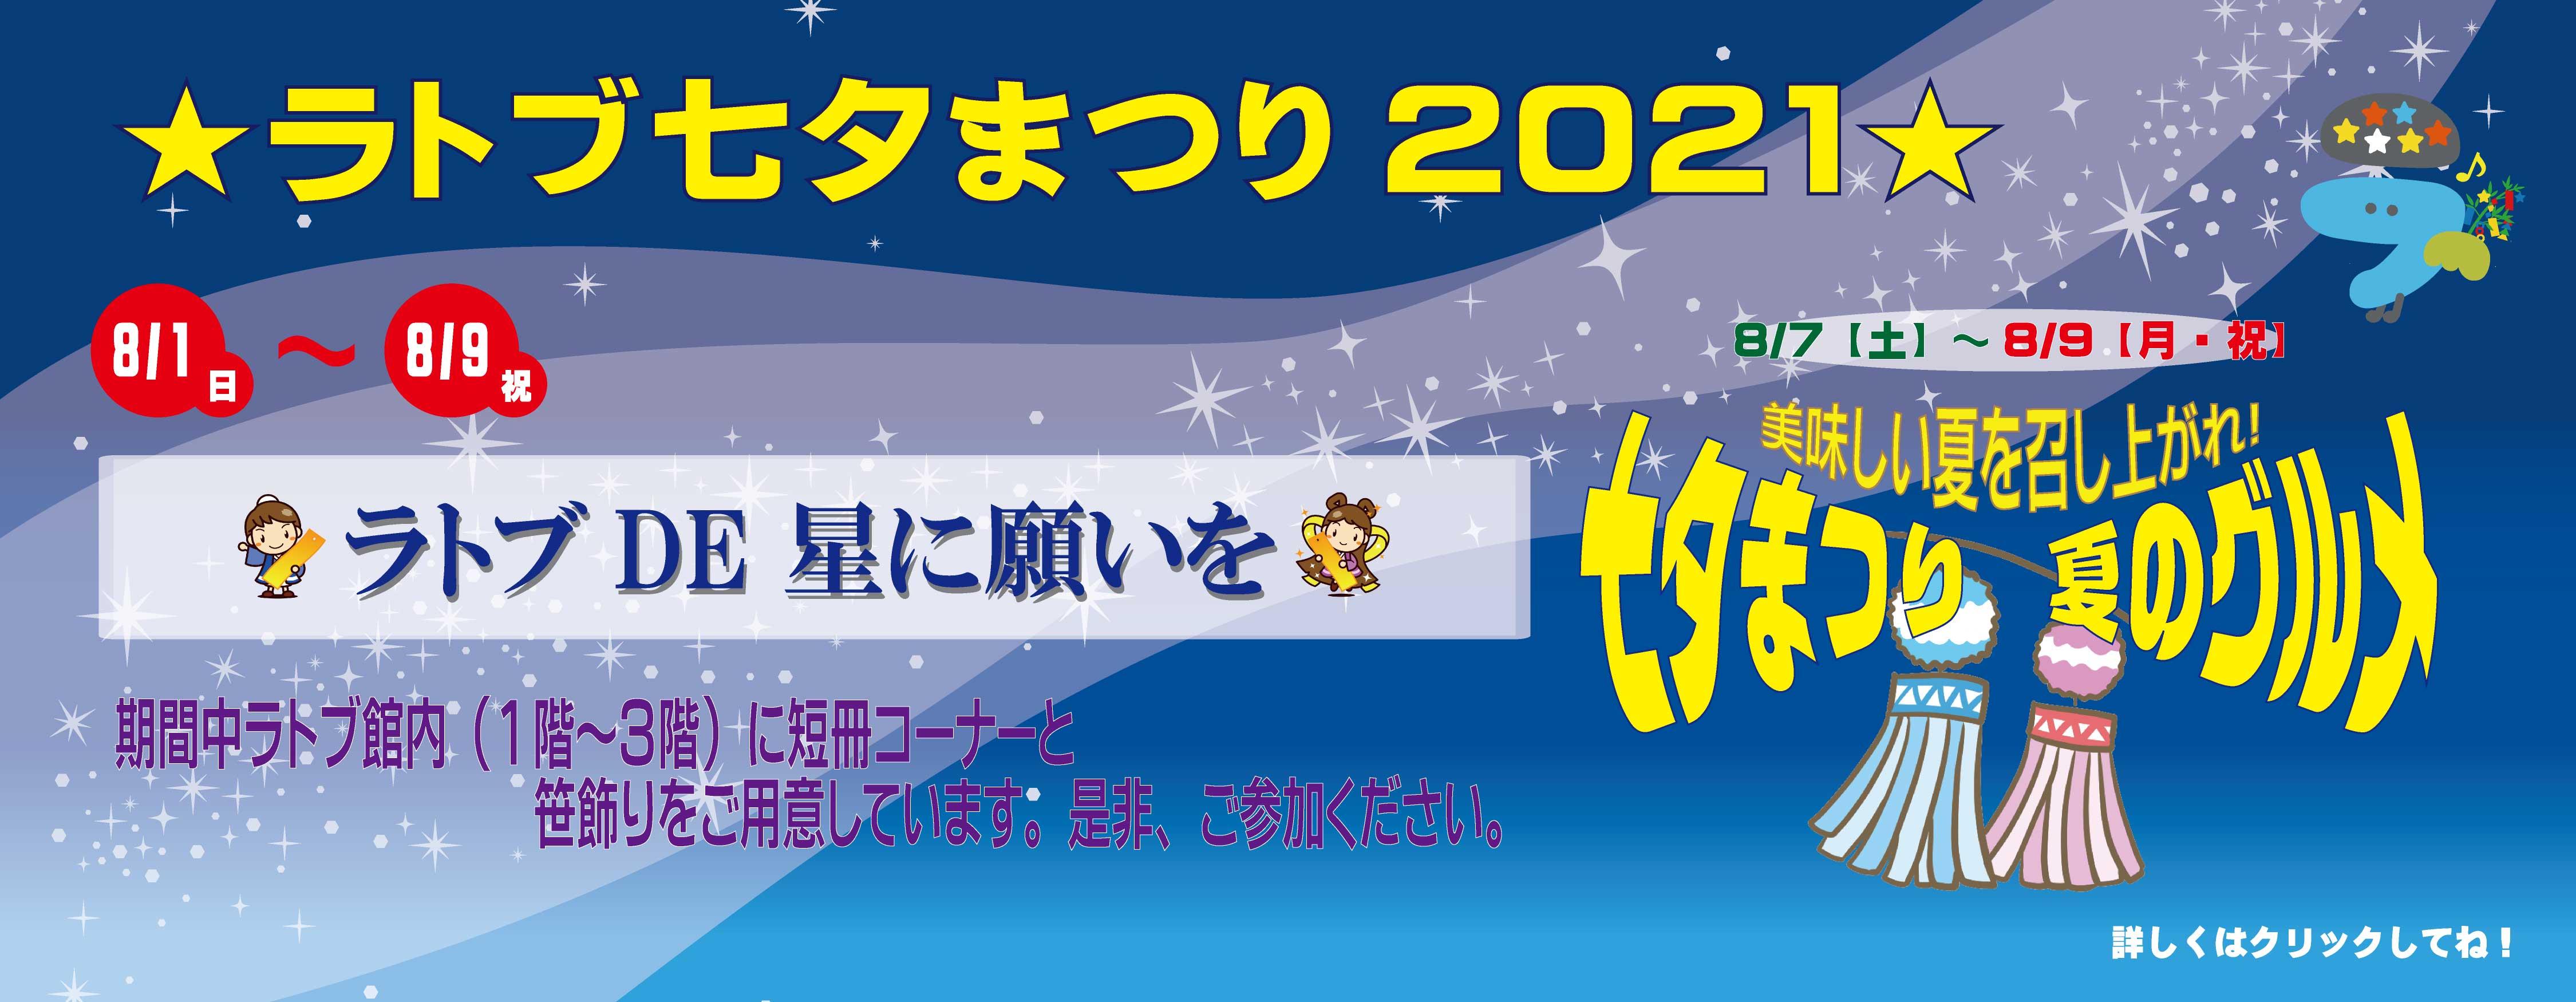 ラトブ 七夕まつり2021